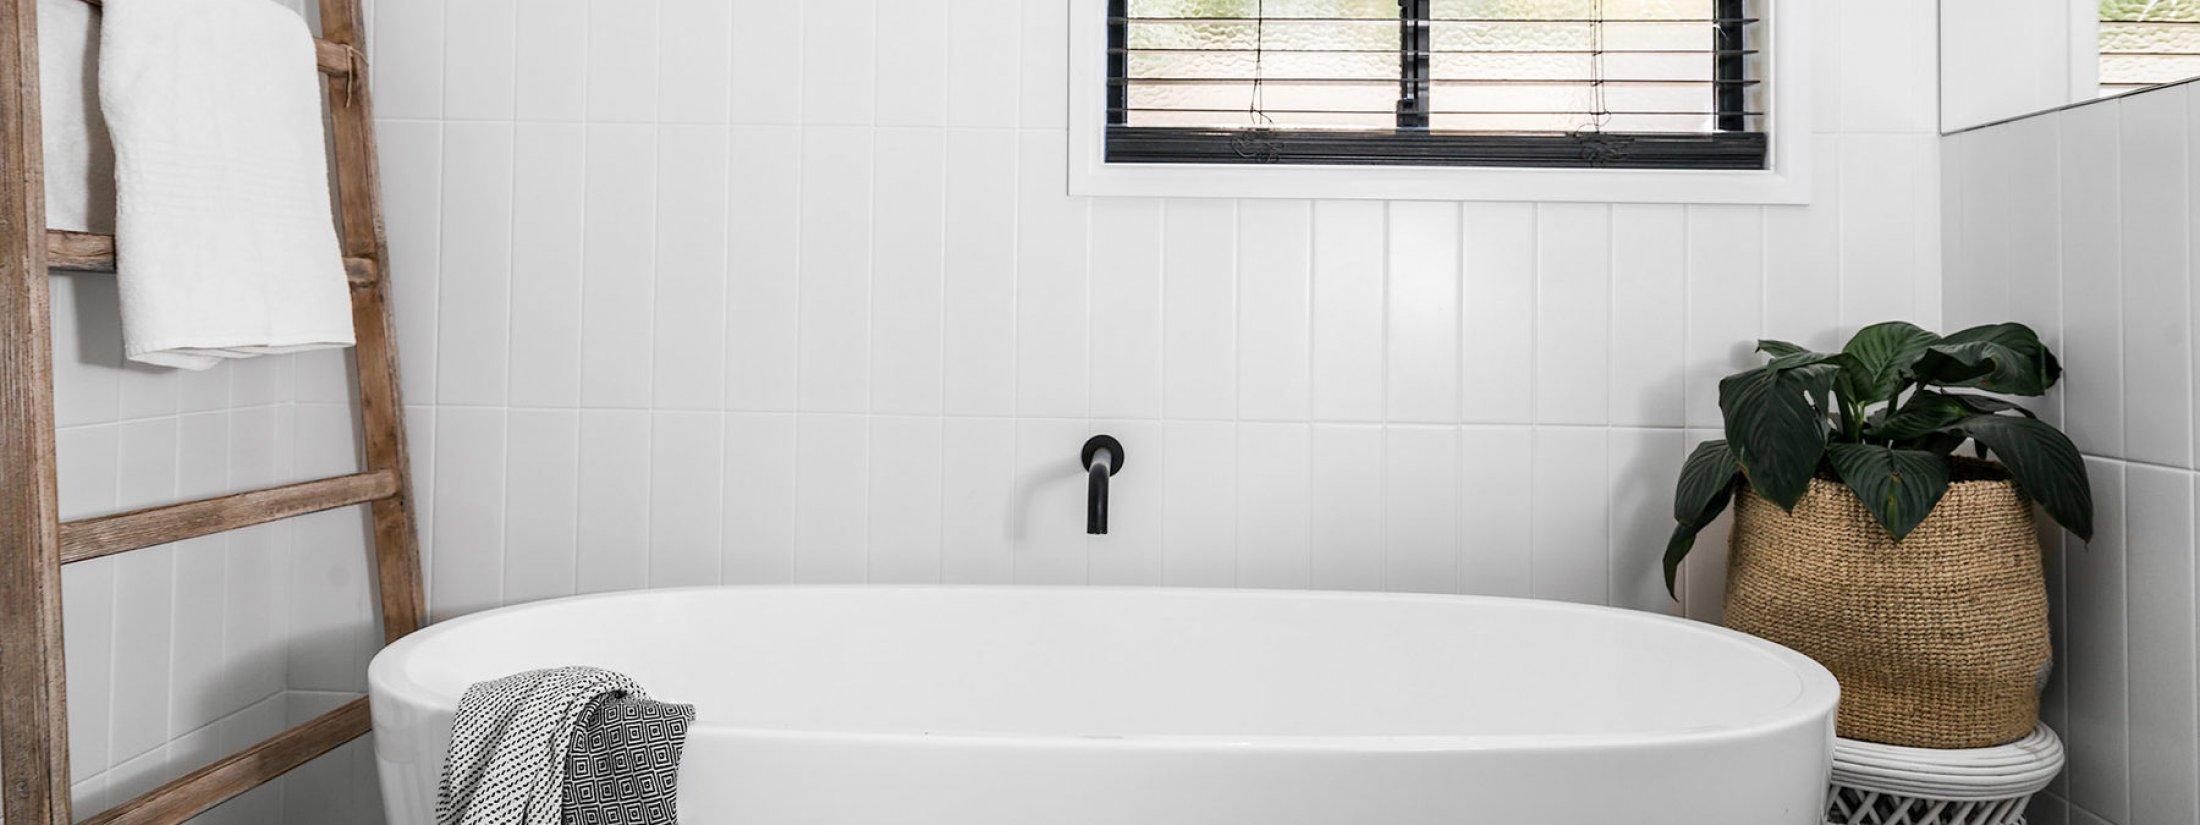 The Lazy Leprechaun - Byron Bay - Shared Bathroom